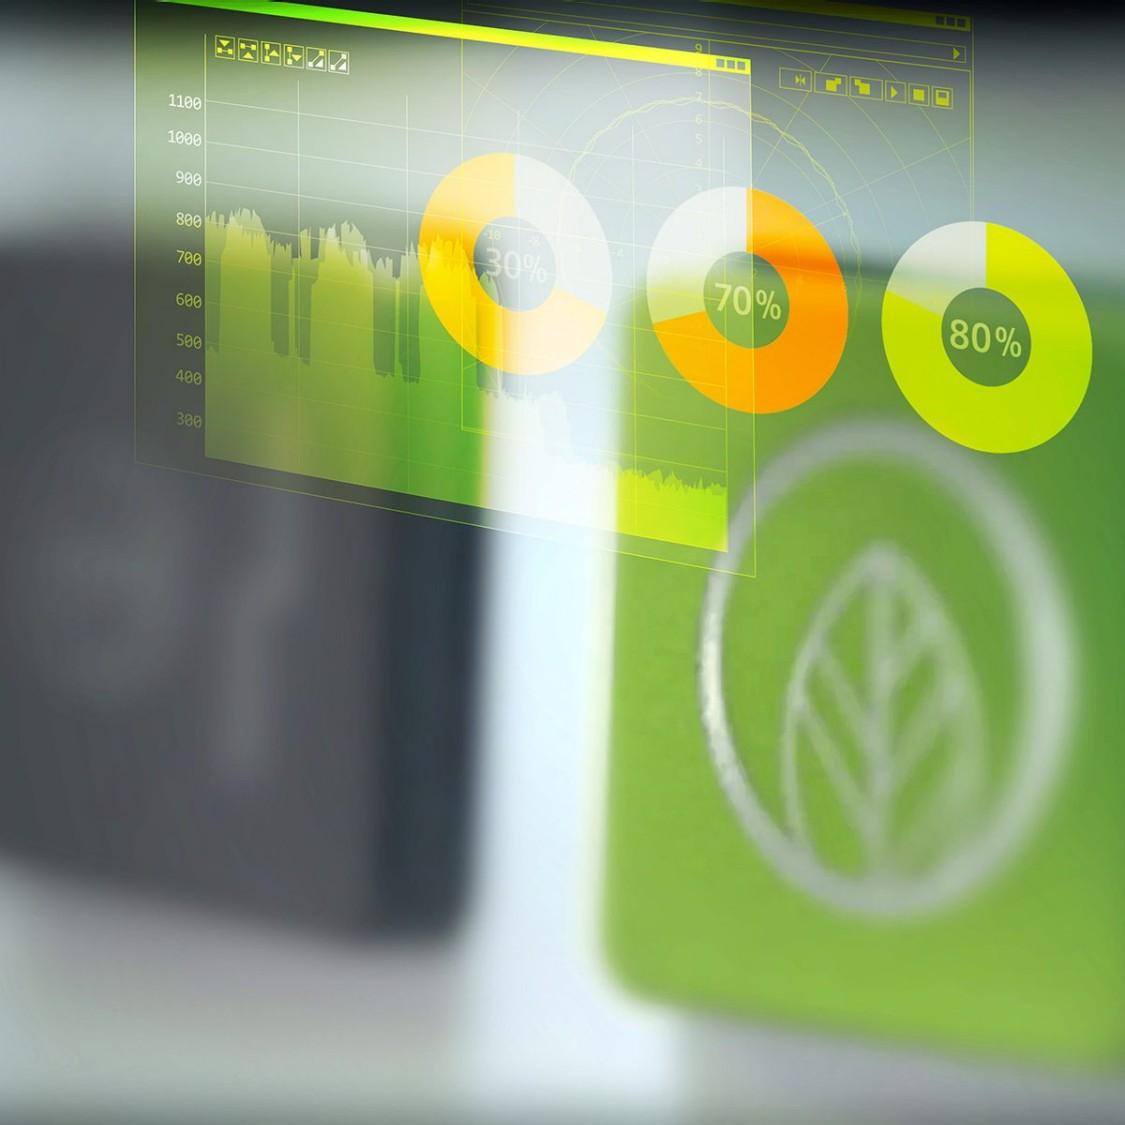 エネルギー効率関連規格 /規程